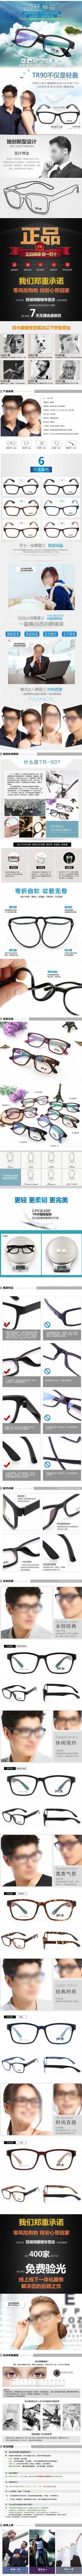 近视镜眼镜宝贝详情设计天猫淘宝详情海报